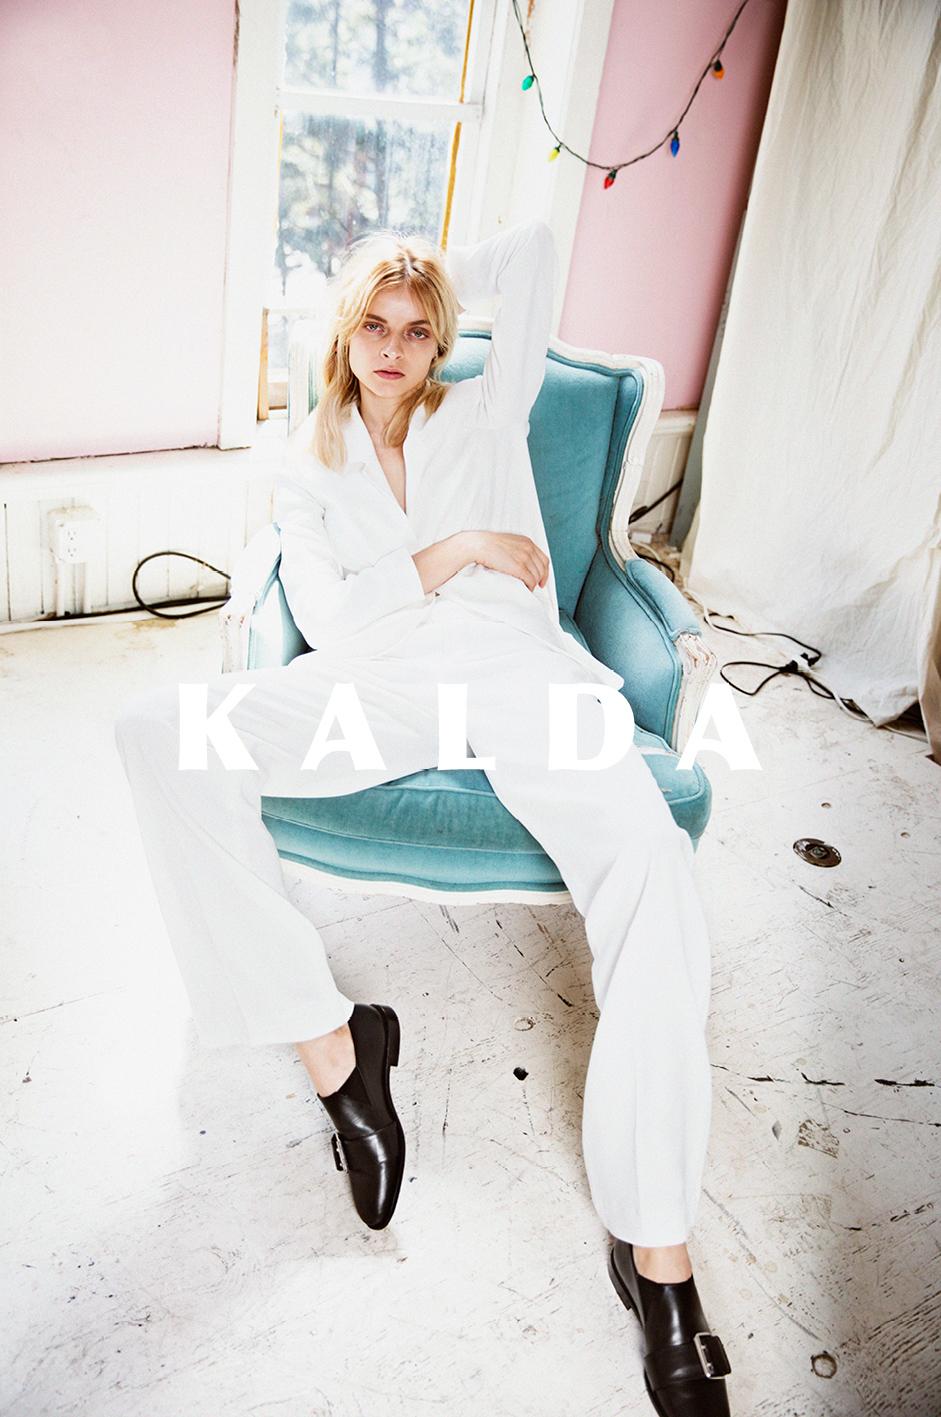 Kalda+social+media35.jpg